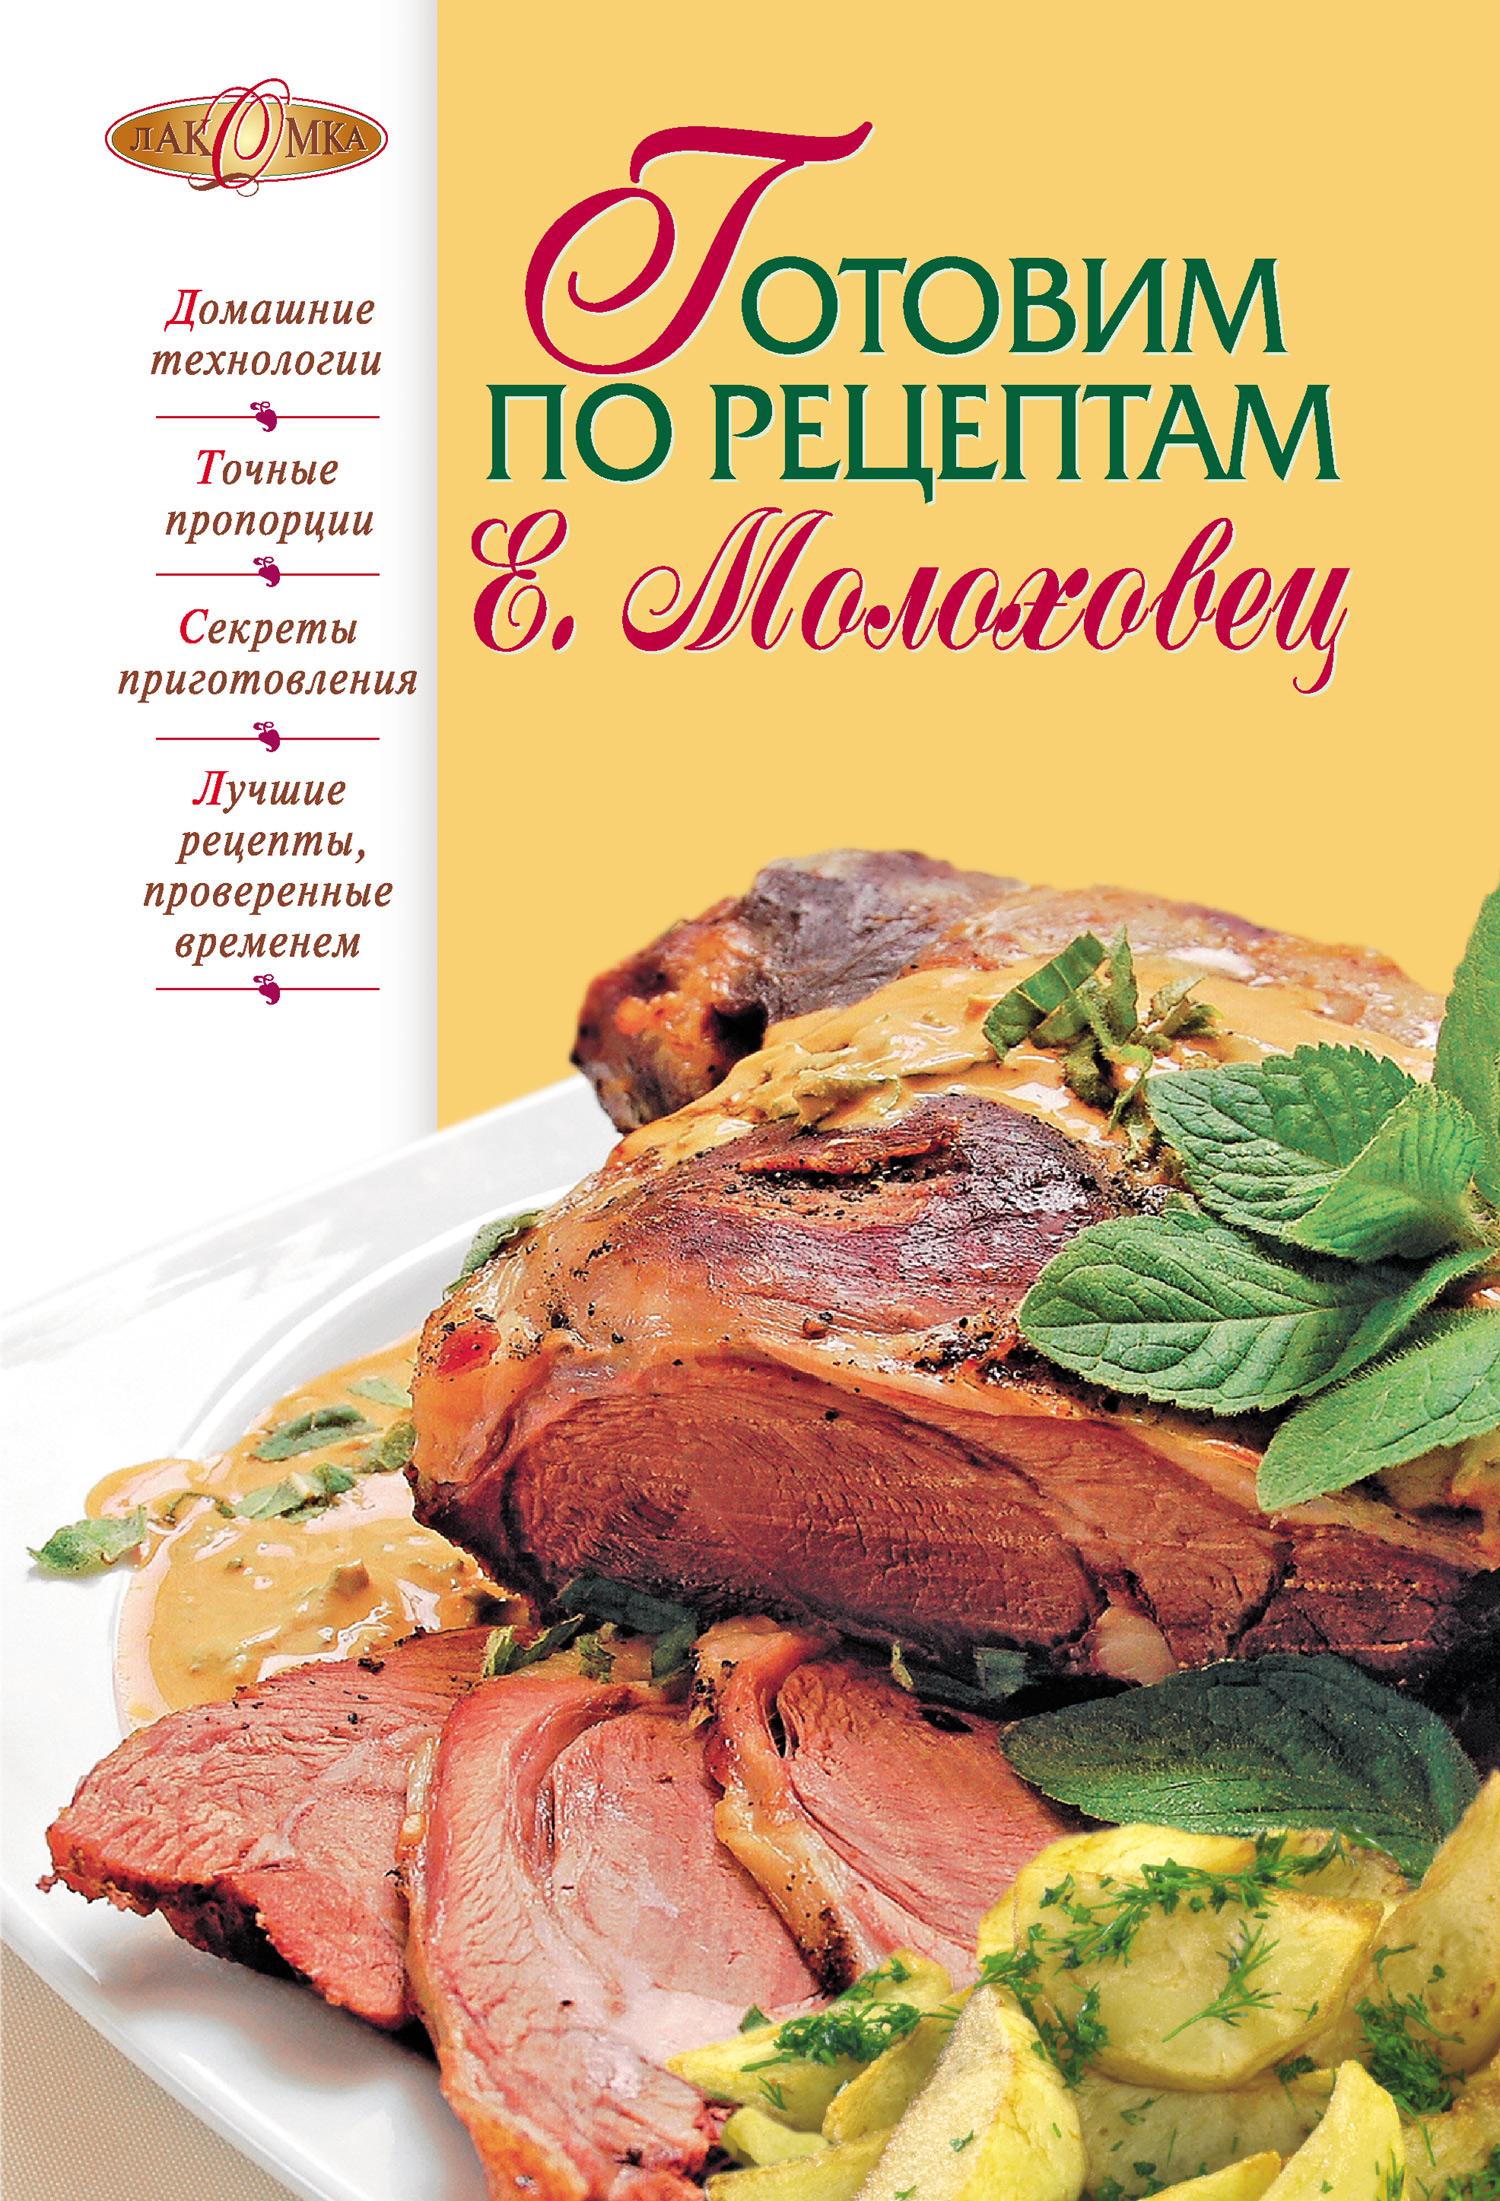 Отсутствует Готовим по рецептам Е. Молоховец молоховец е русская кухня елены молоховец